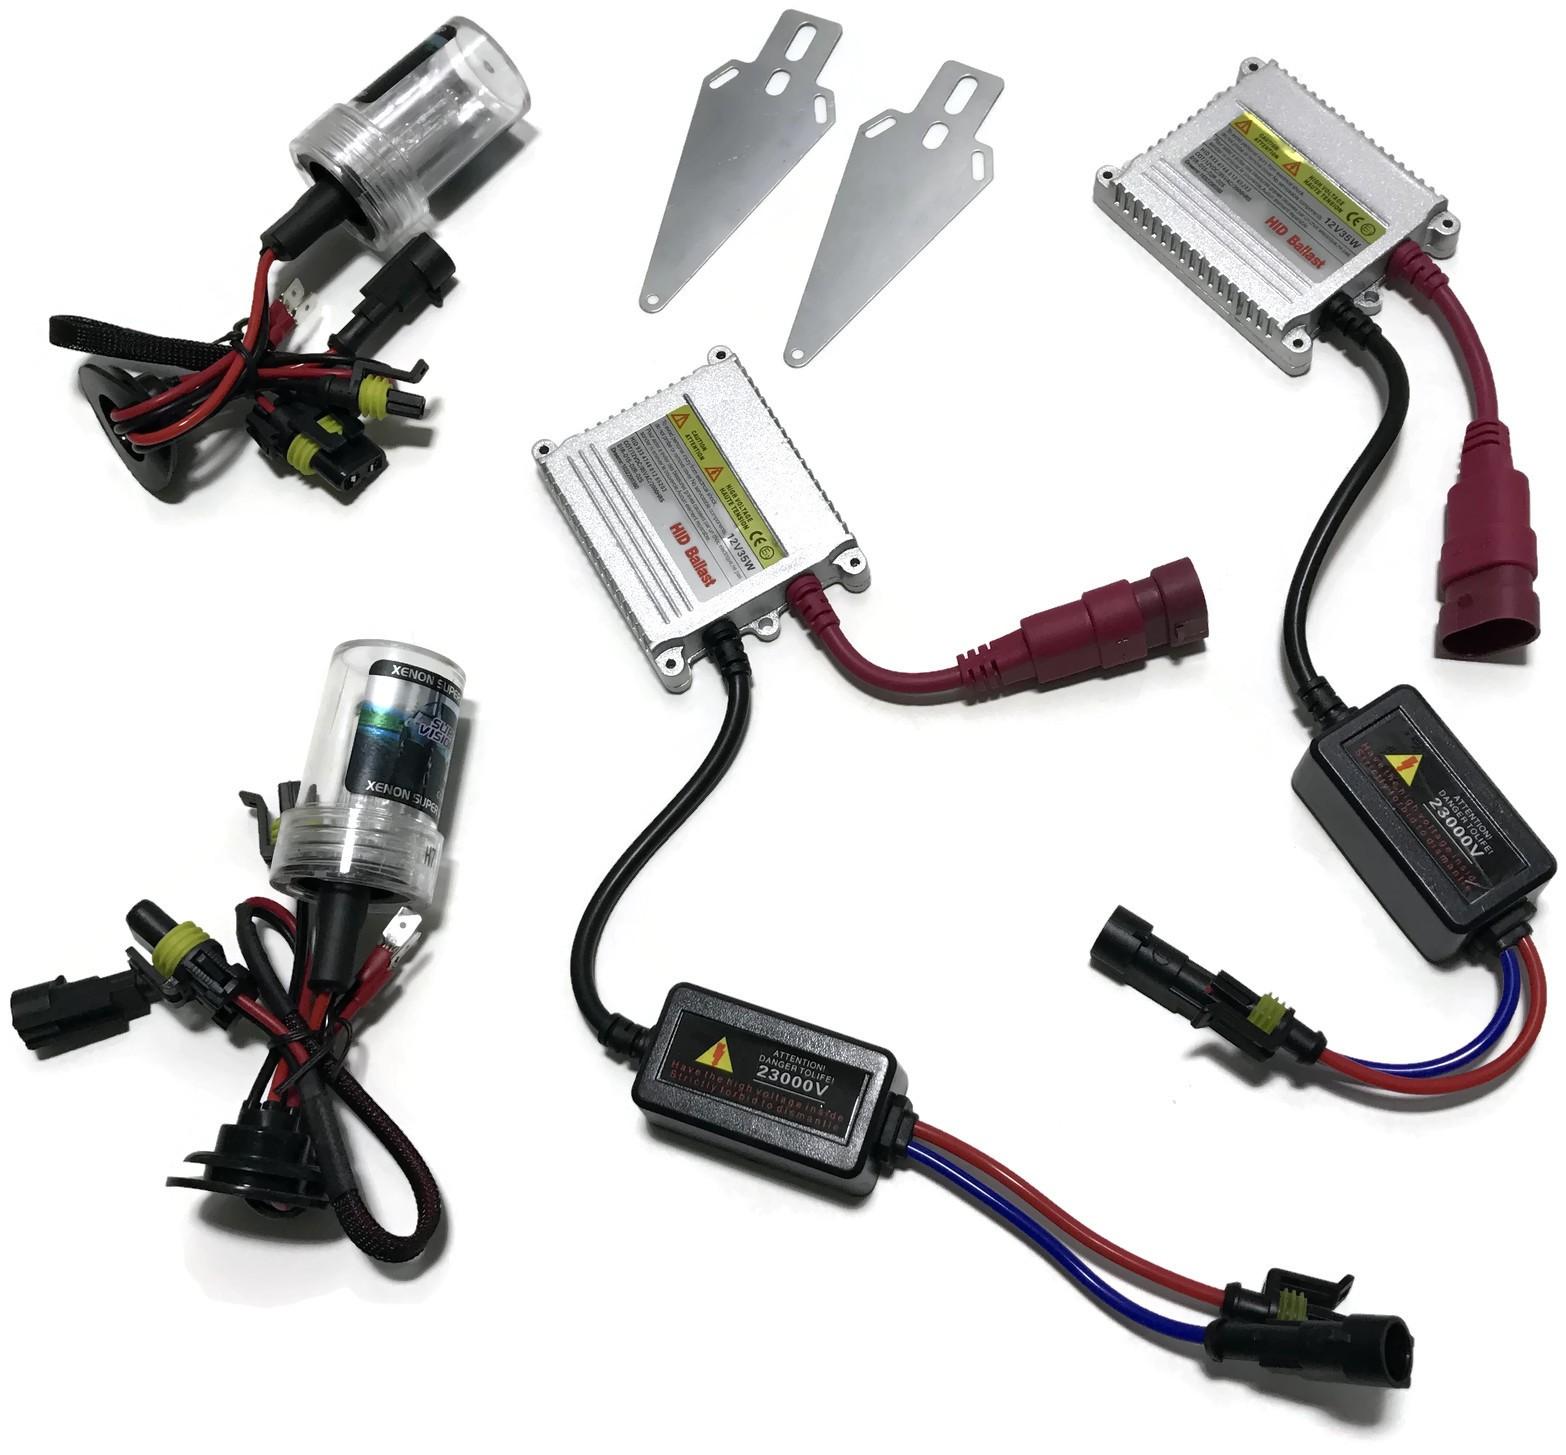 ZESTAW HID XENON SLIM HB3 9005 DIGITAL 12V 35W AC